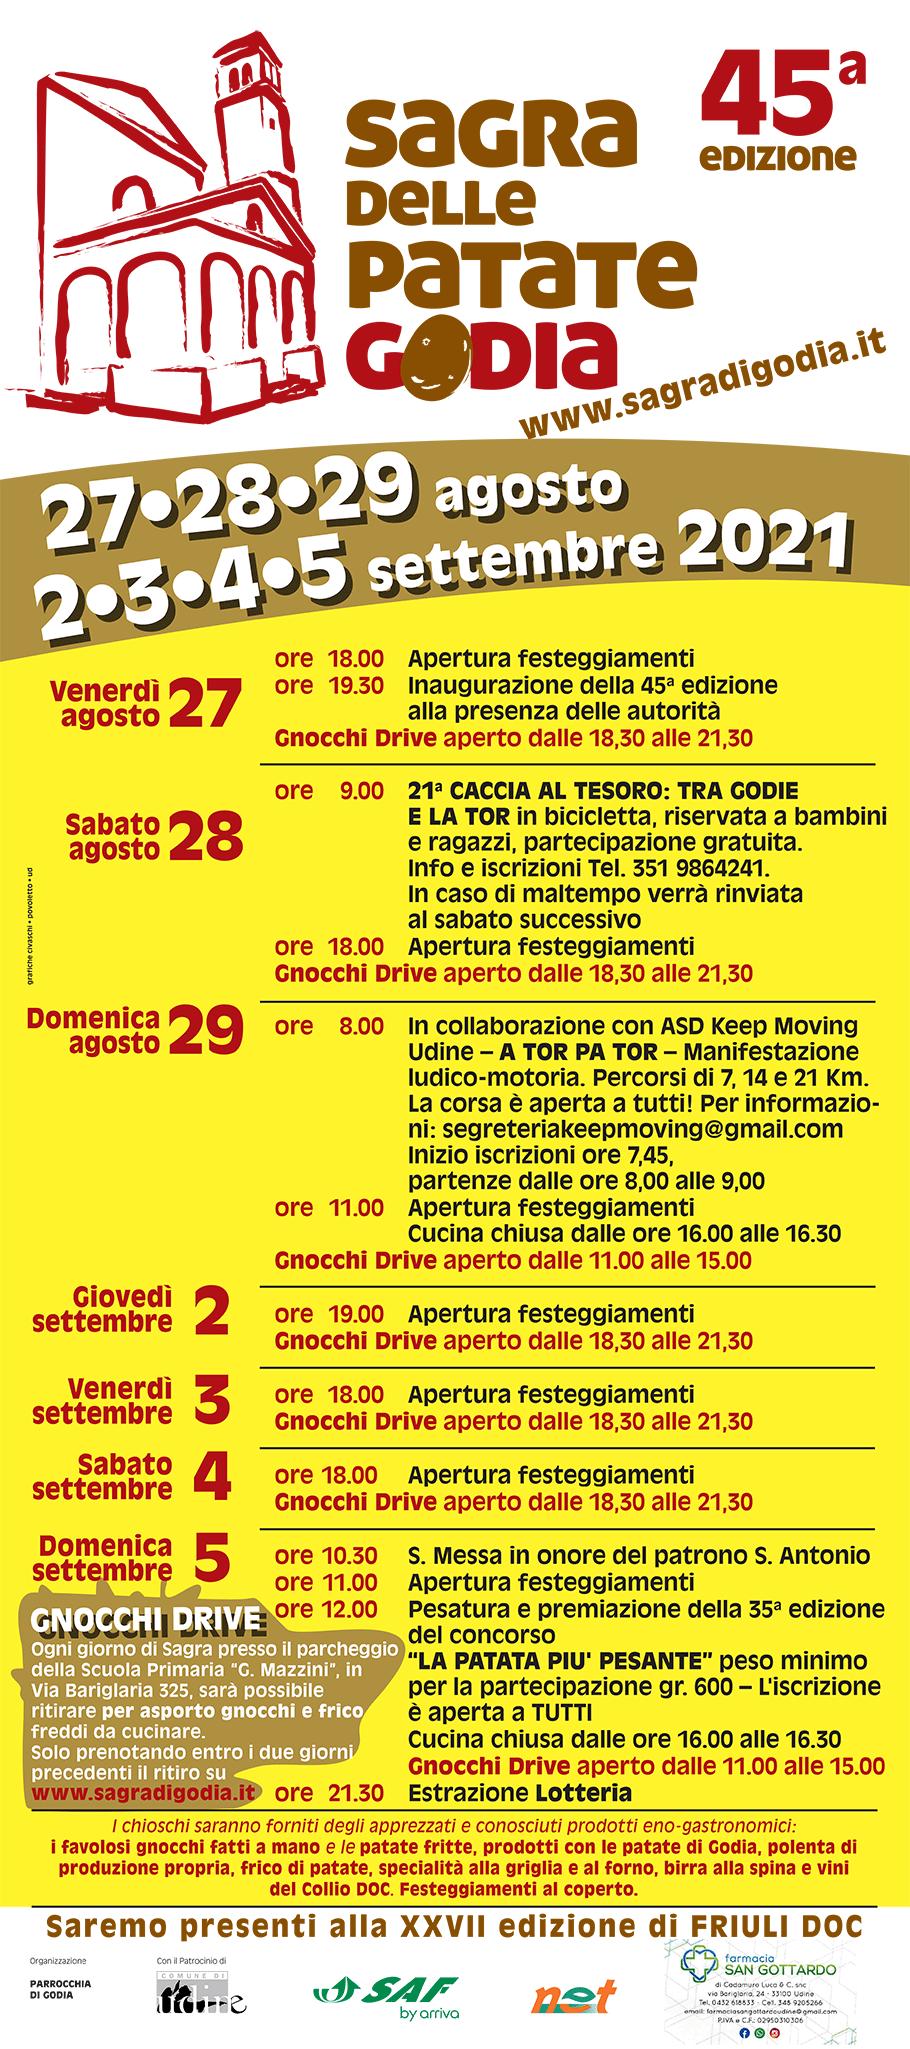 Programma della Sagra di Godia 2021